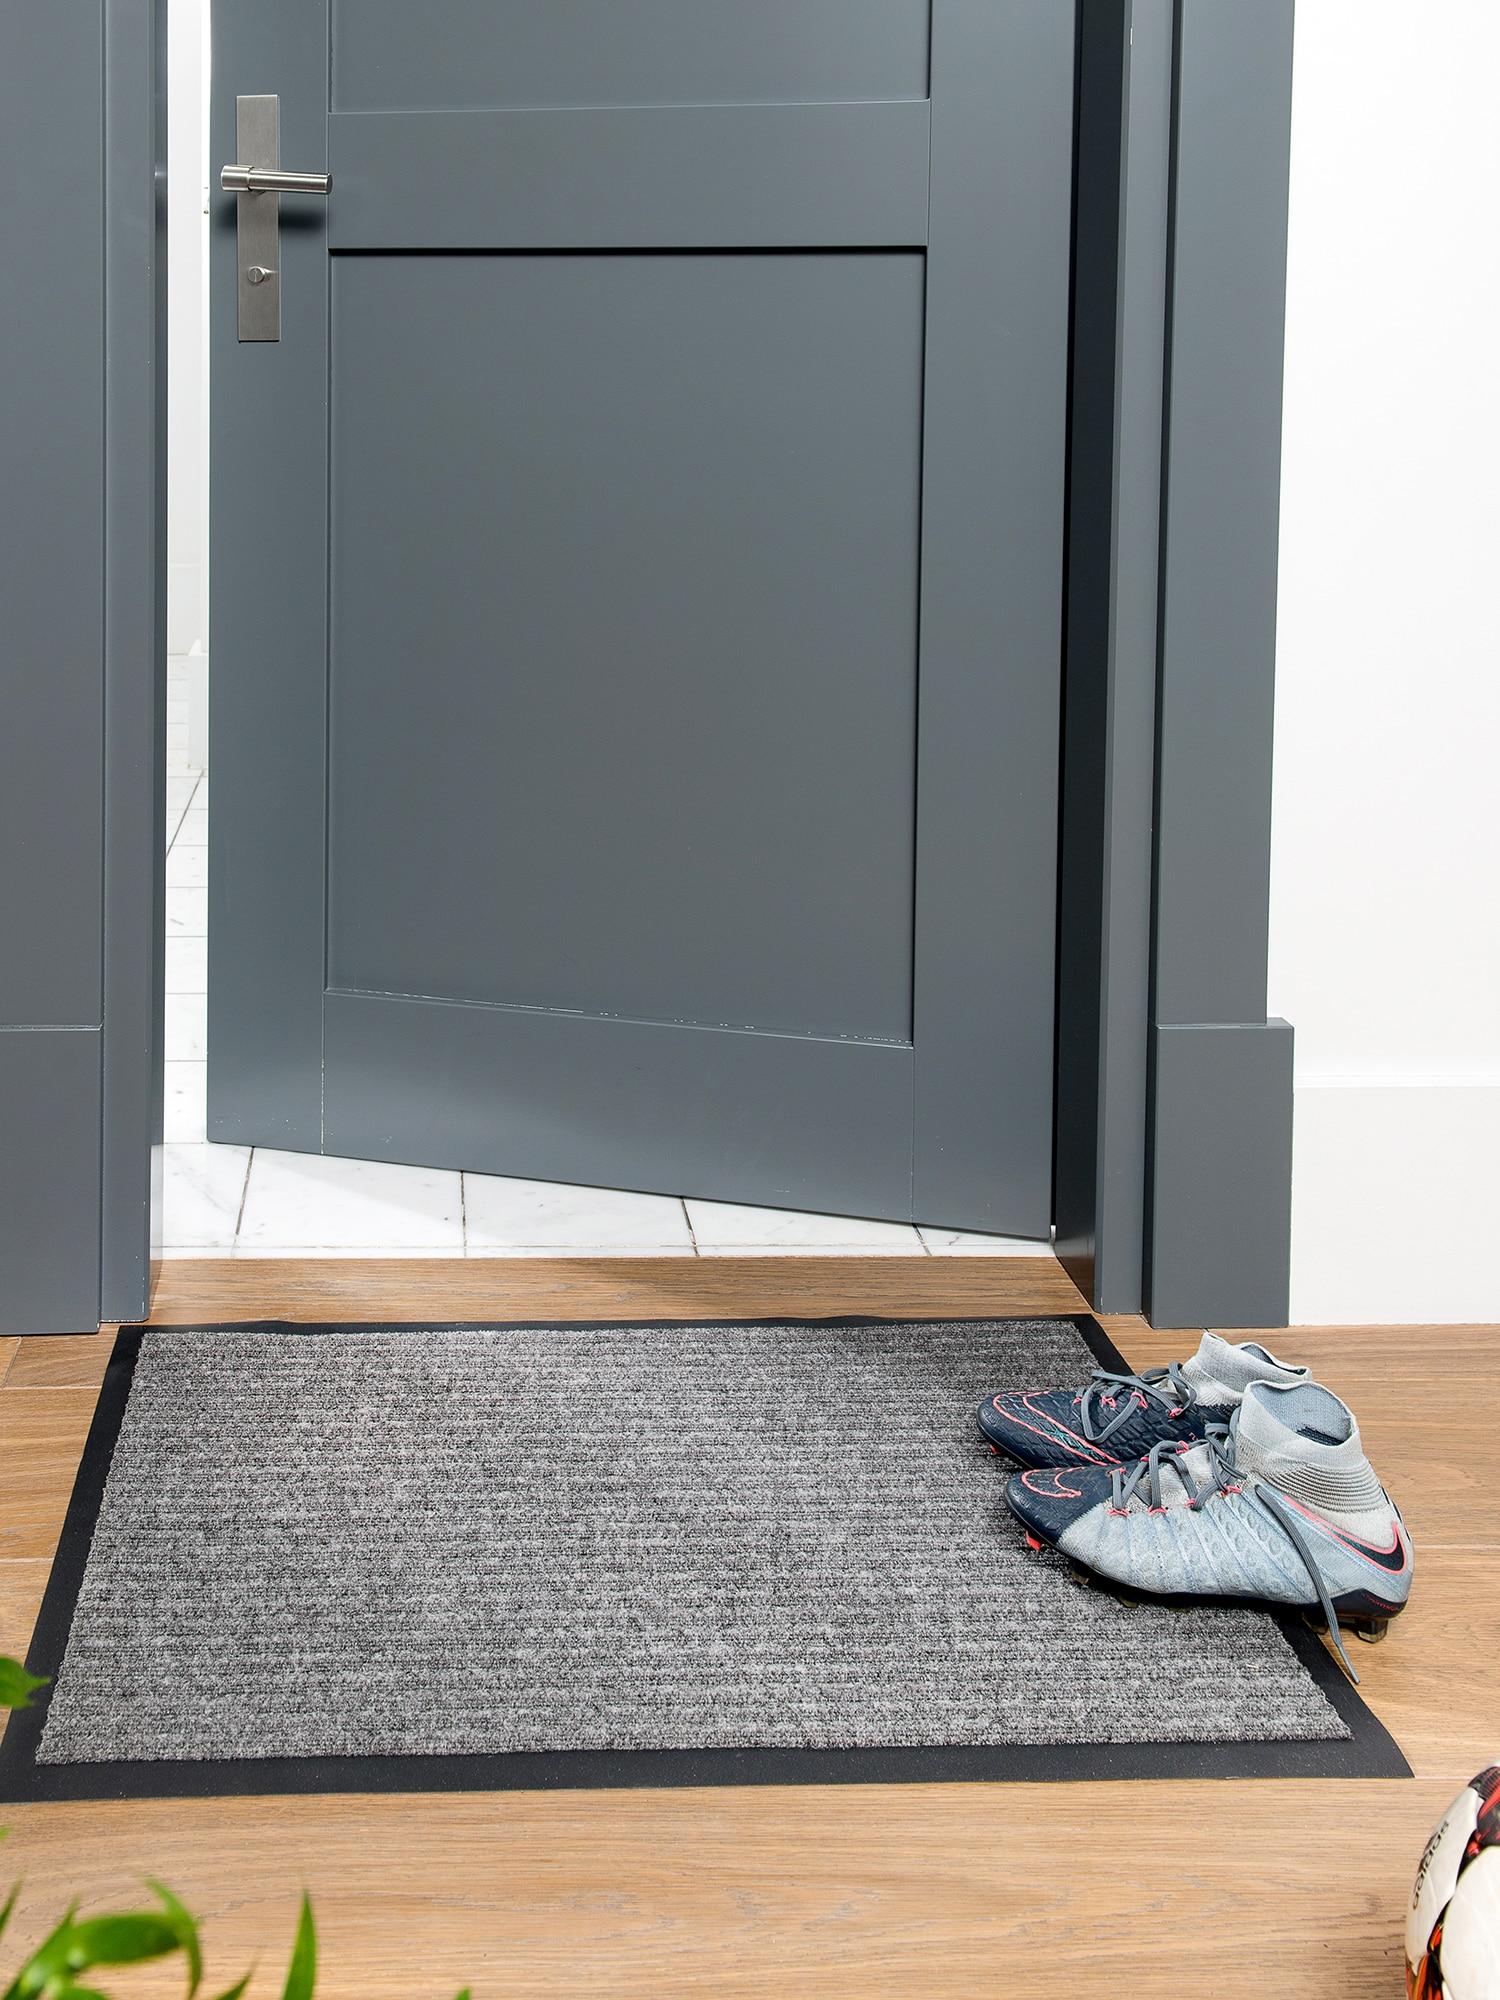 Коврик Велий Техно придверный иглопробивной грязезащитный для квартир и офисов серый 80х120|Ковер| | АлиЭкспресс